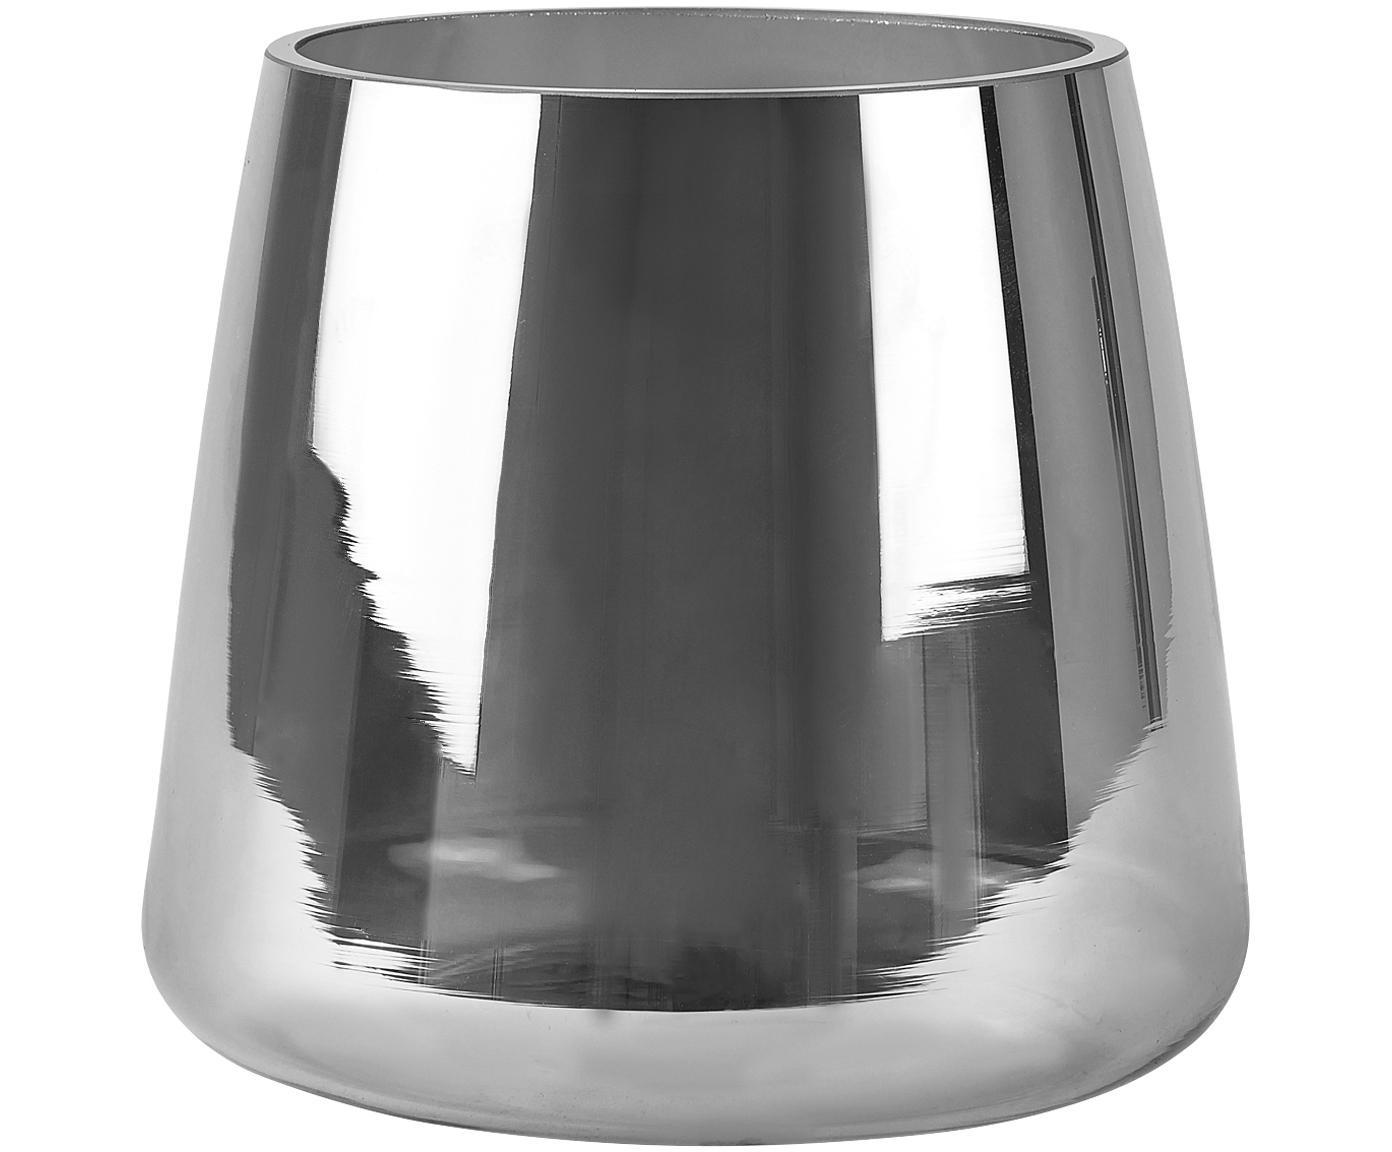 Wazon ze szkła Carina, Szkło, Odcienie srebrnego, transparentny, Ø 18 x W 16 cm